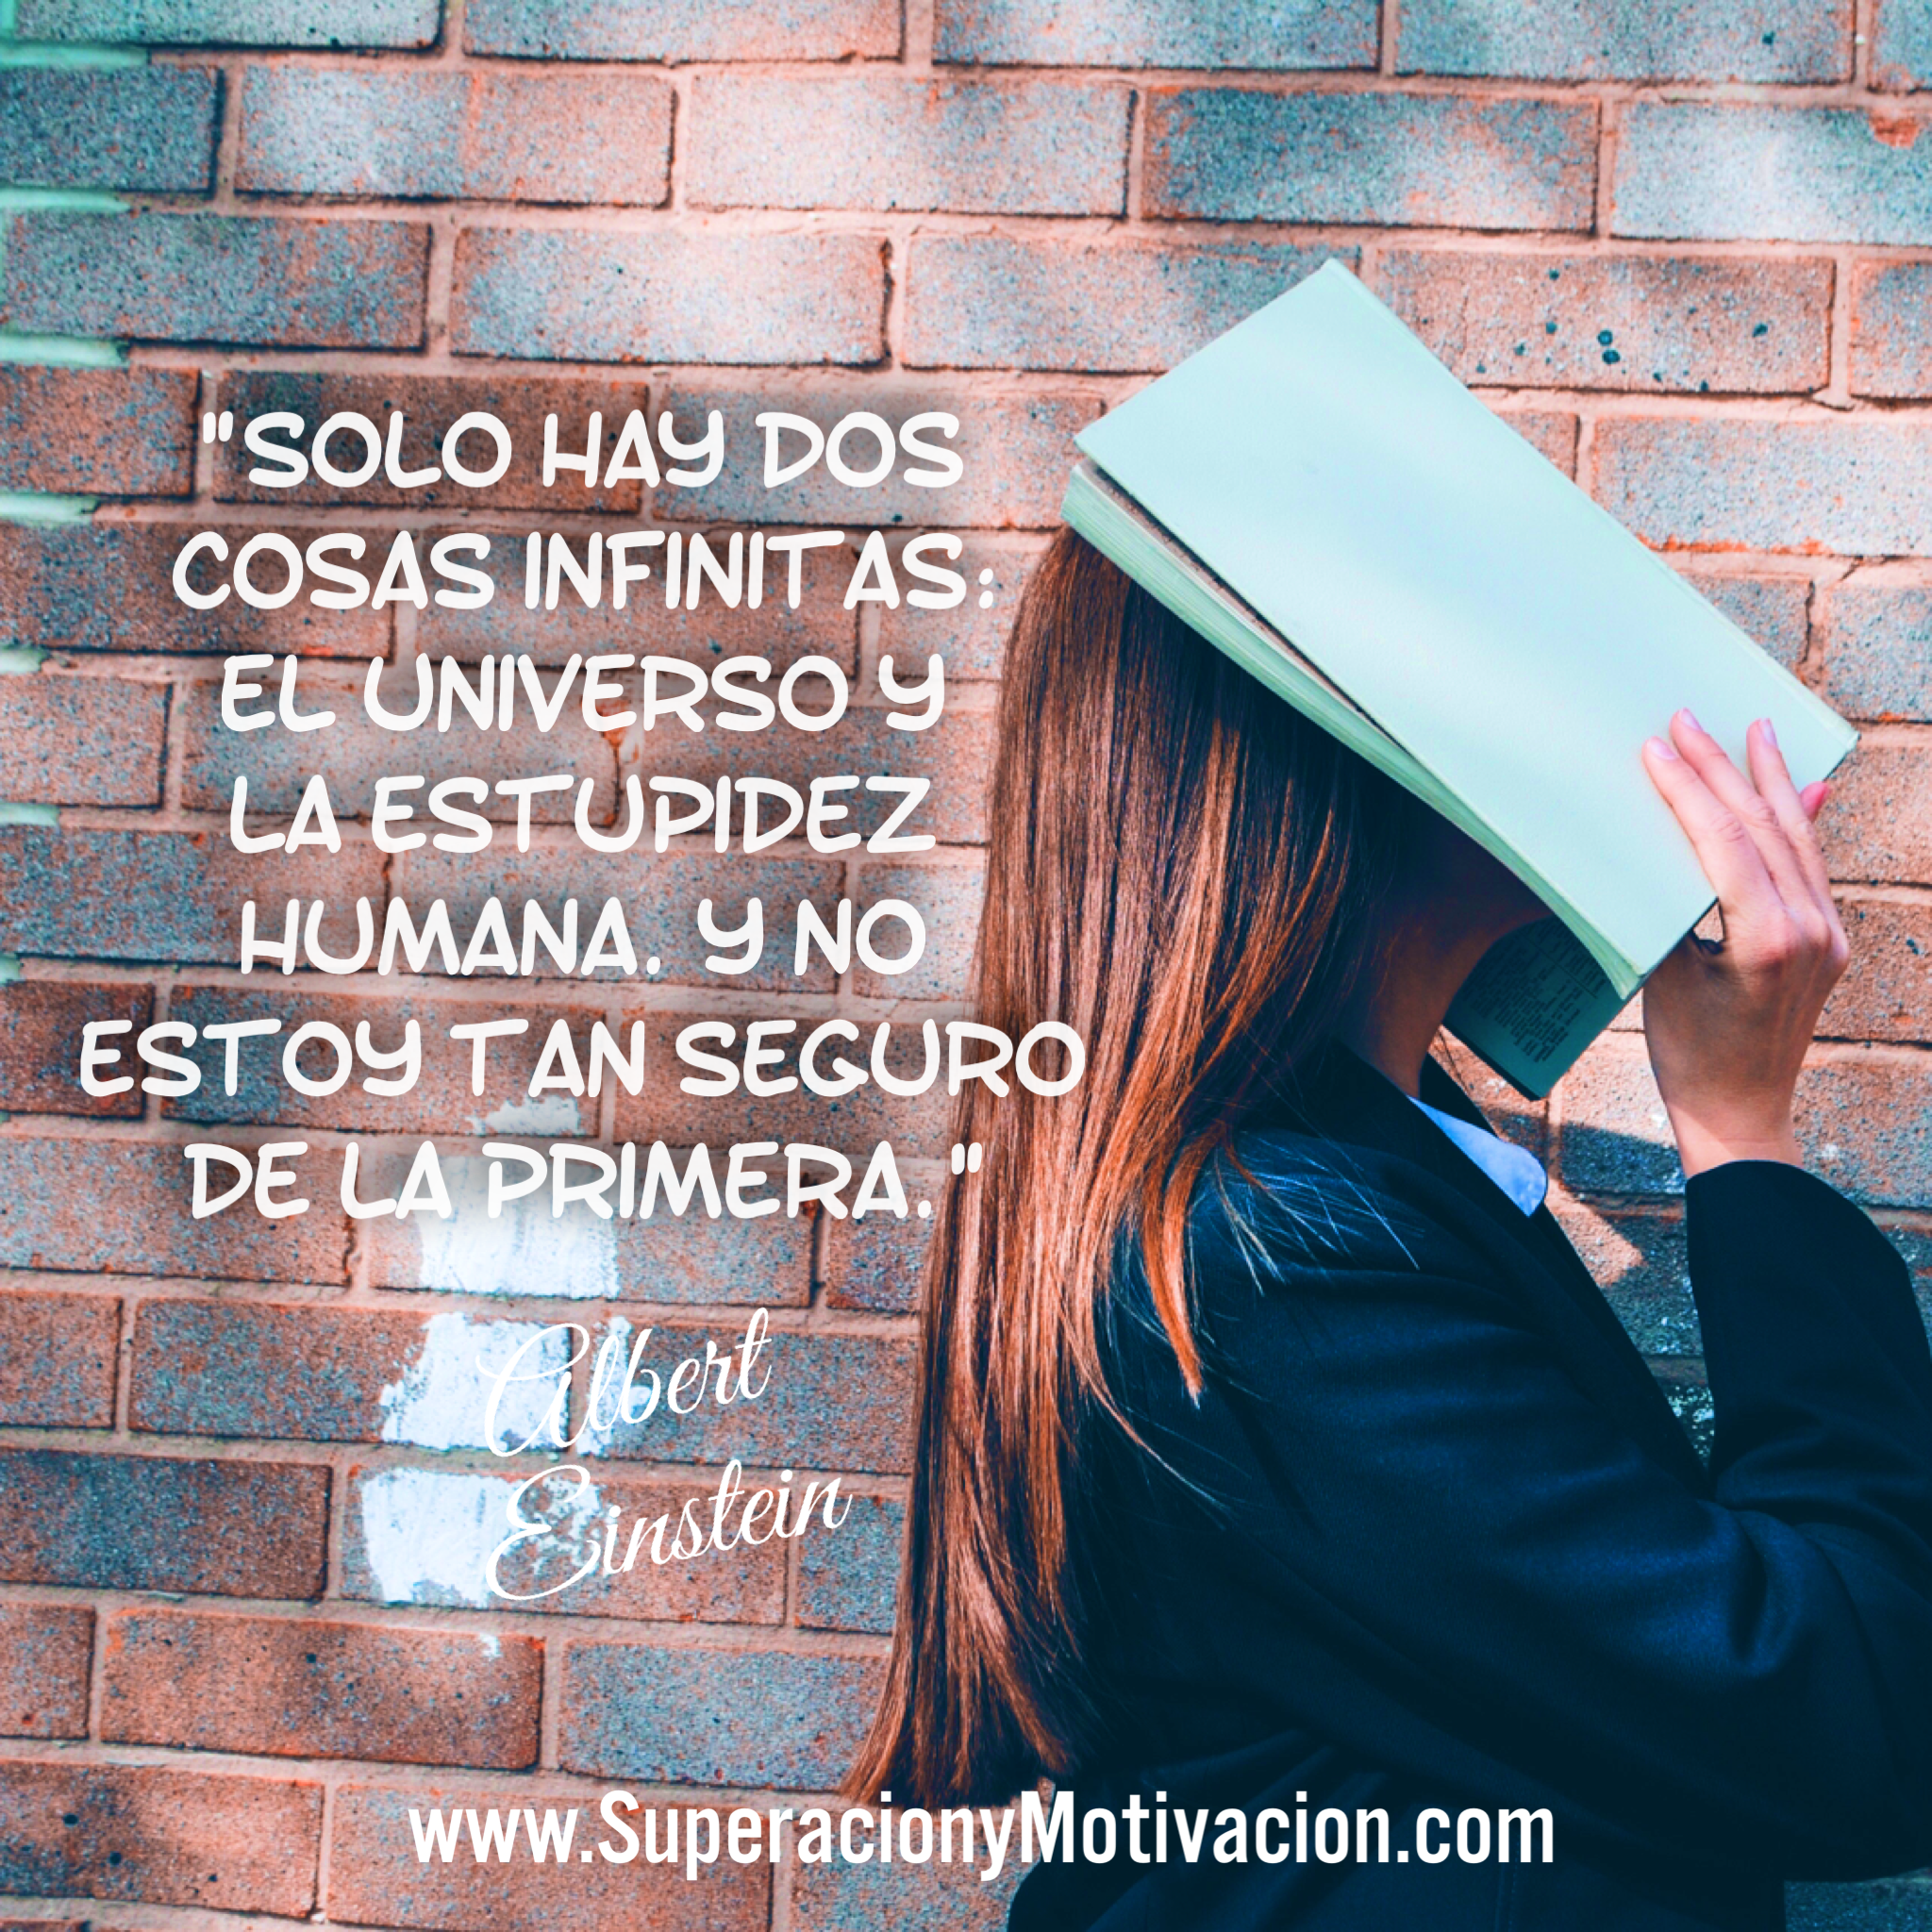 «Solo hay dos cosas infinitas: el universo y la estupidez humana. Y no estoy tan seguro de la primera.»